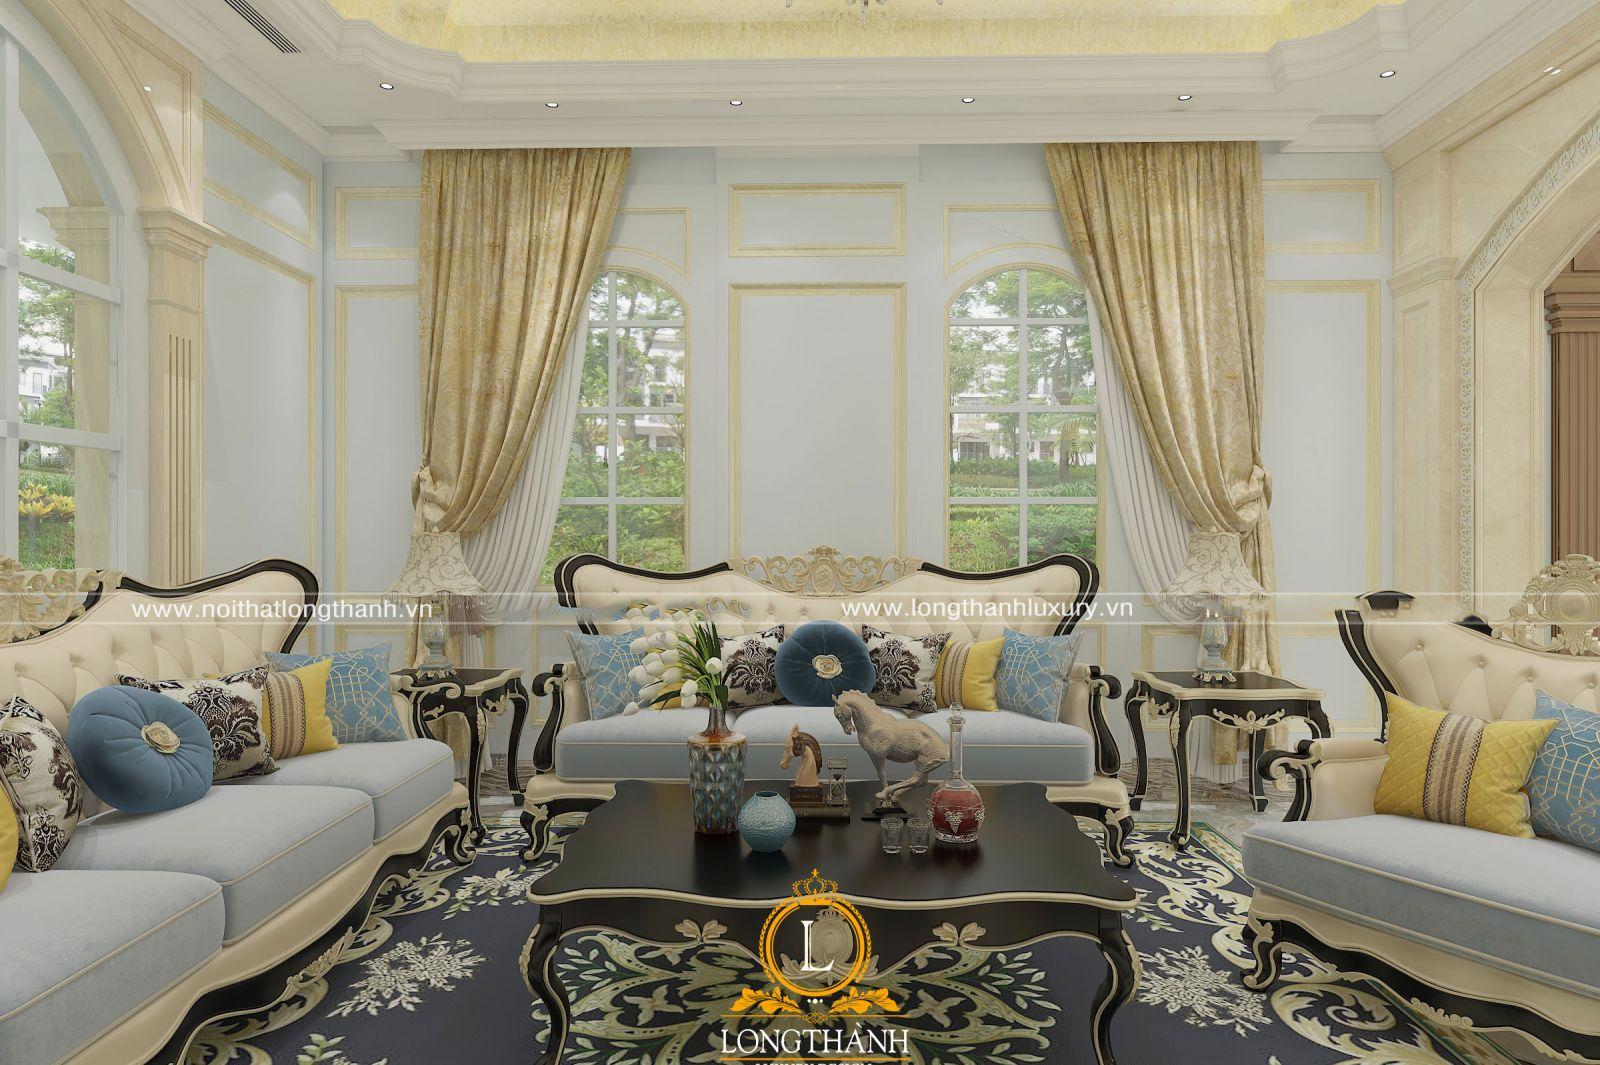 Sản phẩm sofa nỉ sang trọng cho phòng khách biệt thự tân cổ điển